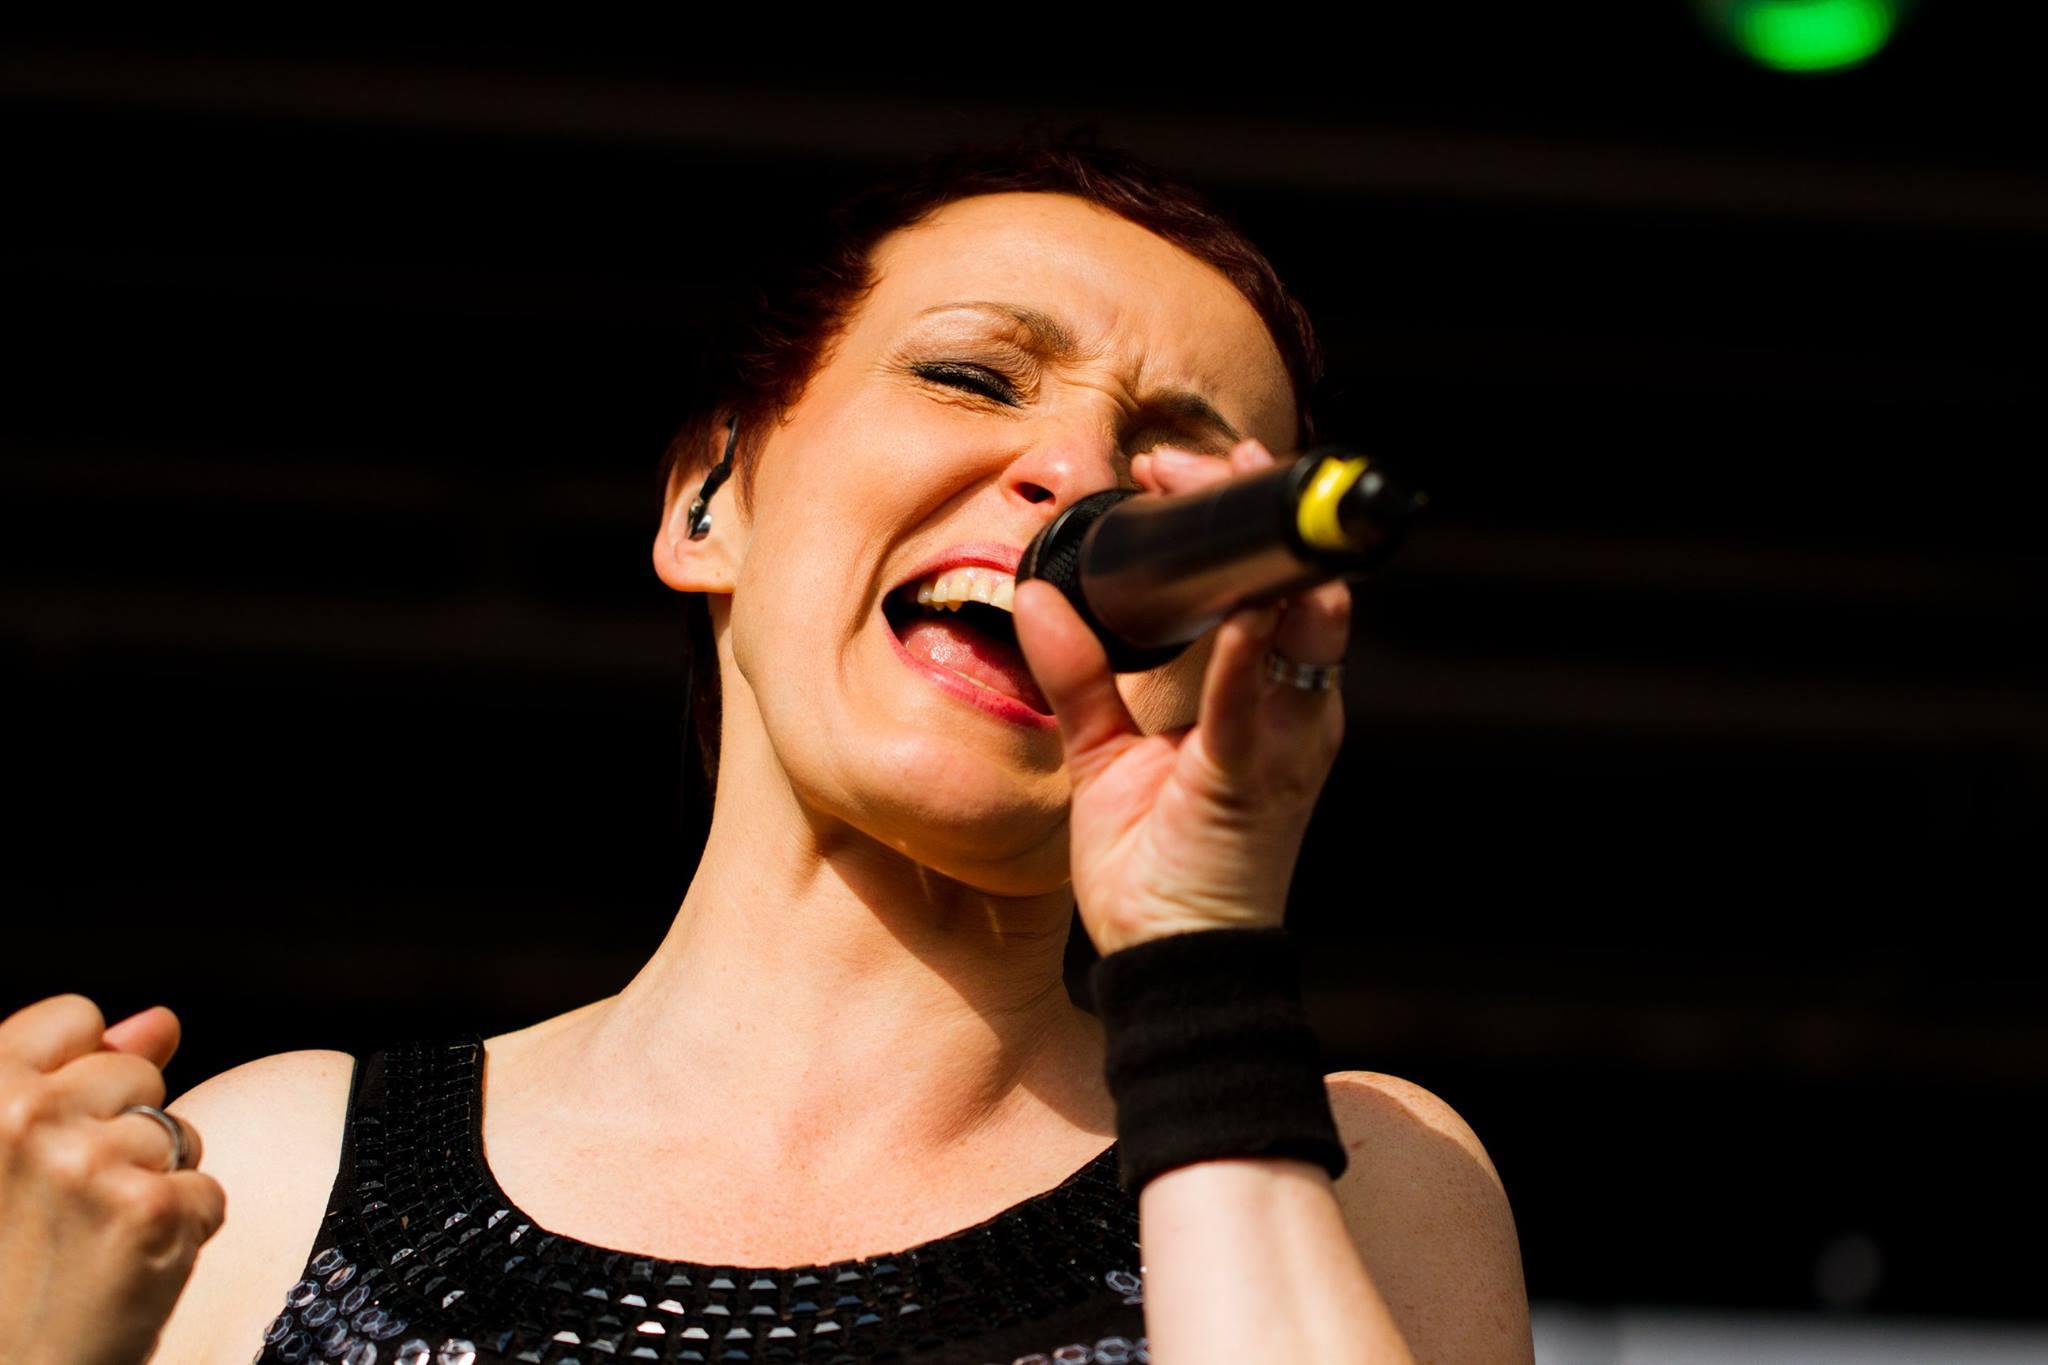 Die Sängerin Aurora Menzel performt auf einer Bühne